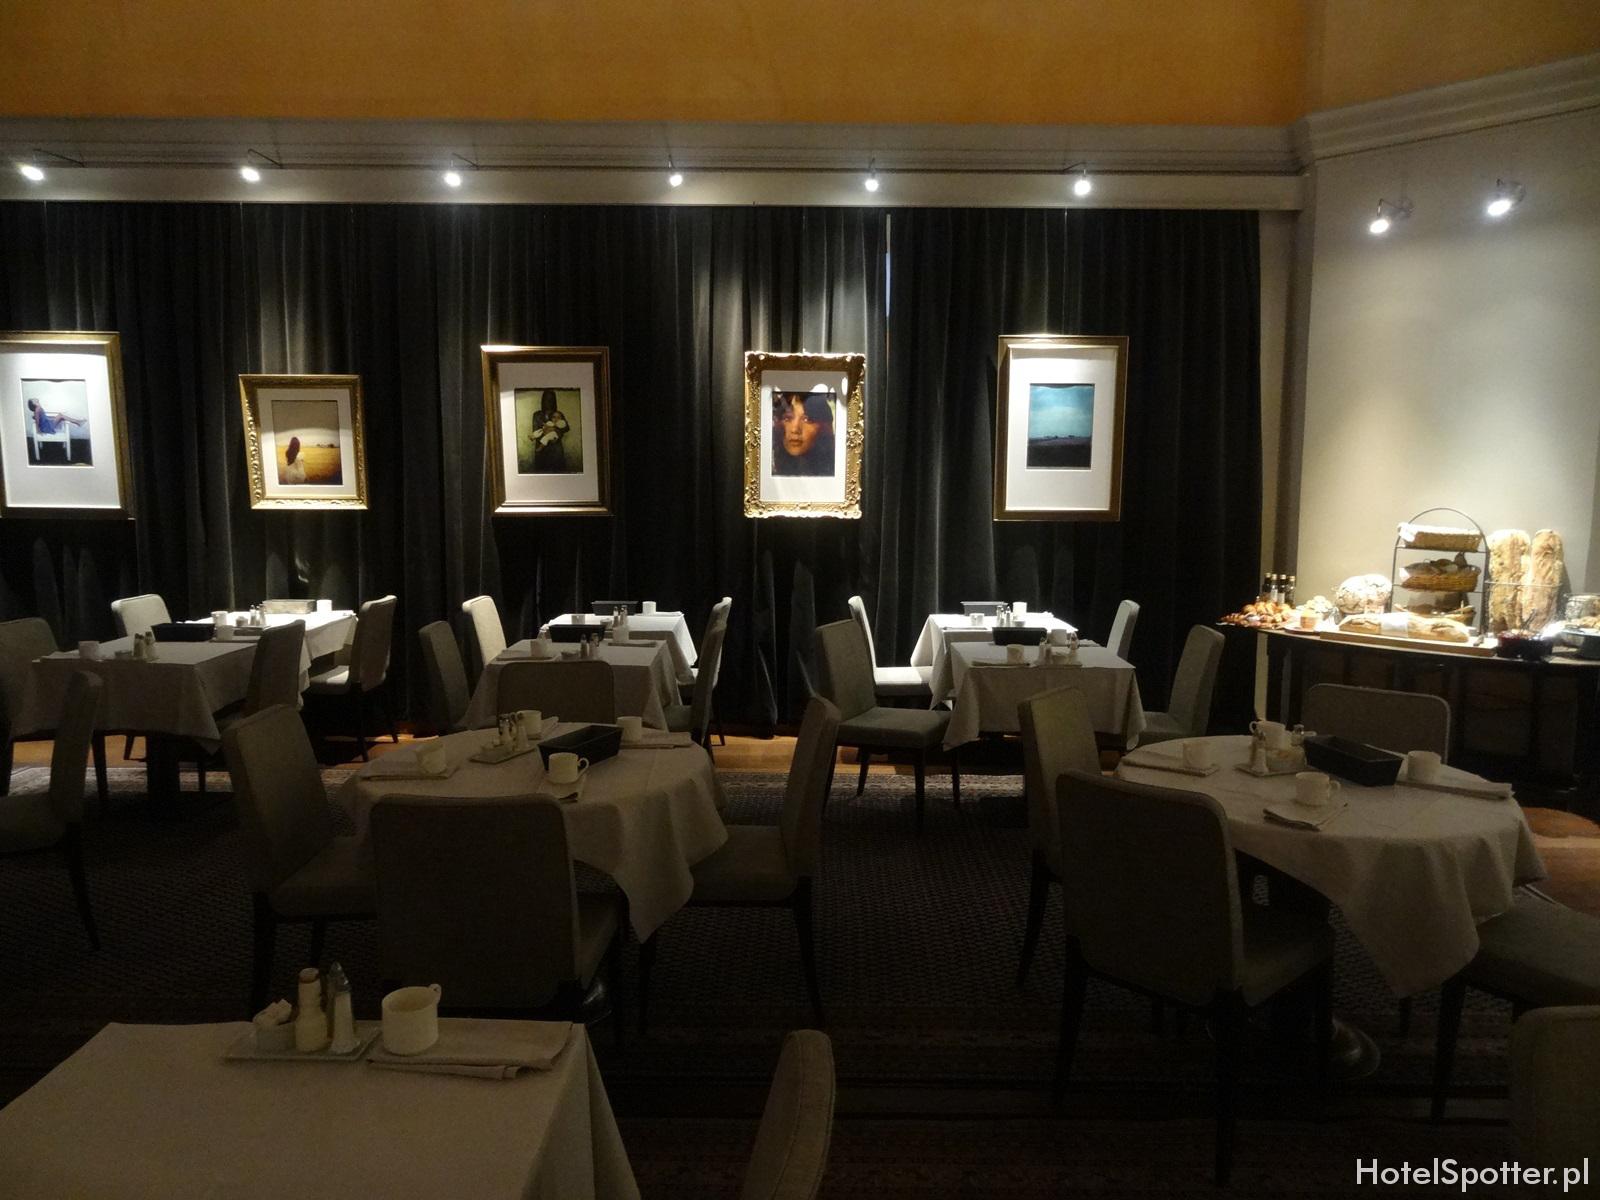 Radisson Blu Strand Hotel, Stockholm - restauracja